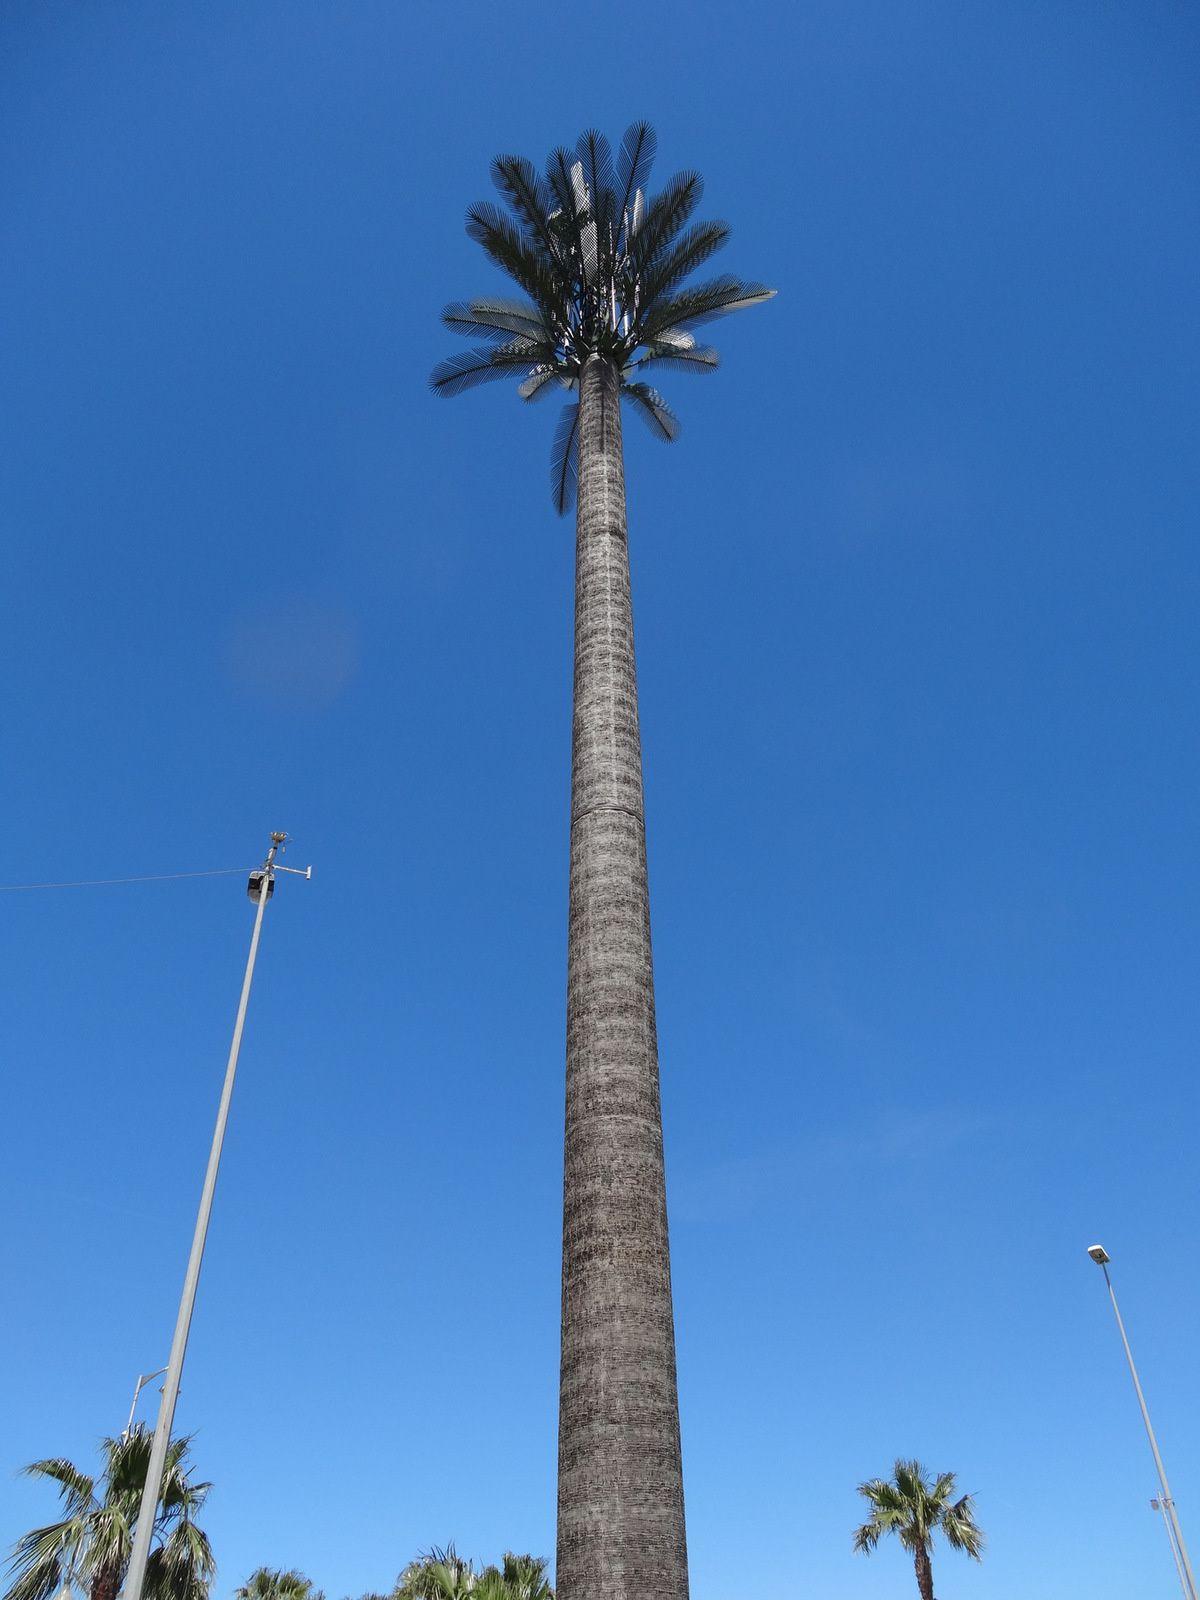 Les faux palmiers géants de Tanger